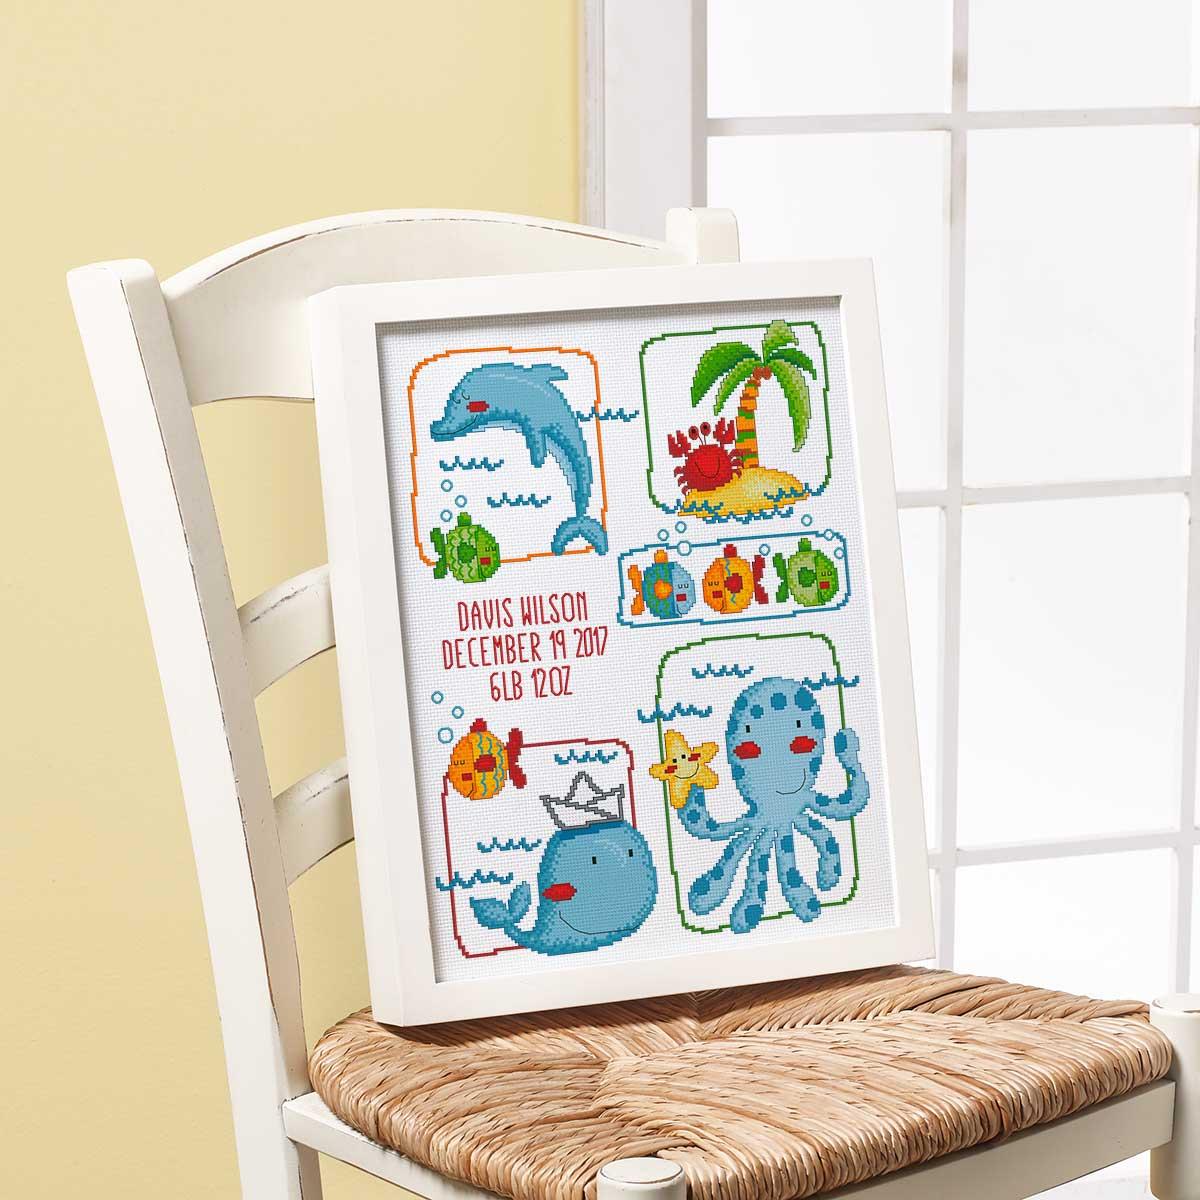 Bucilla ® Baby - Counted Cross Stitch - Crib Ensembles - Sea Life - Birth Record Kit - 47880E